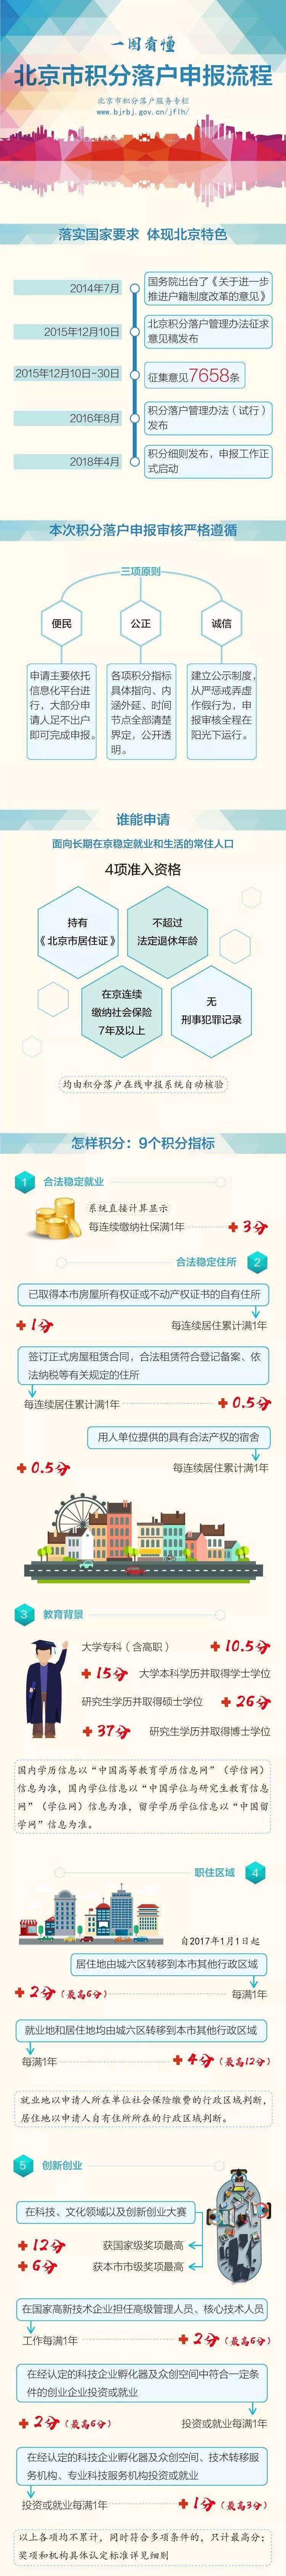 北京积分落户申报下周正式启动 最想了解的在这里-1